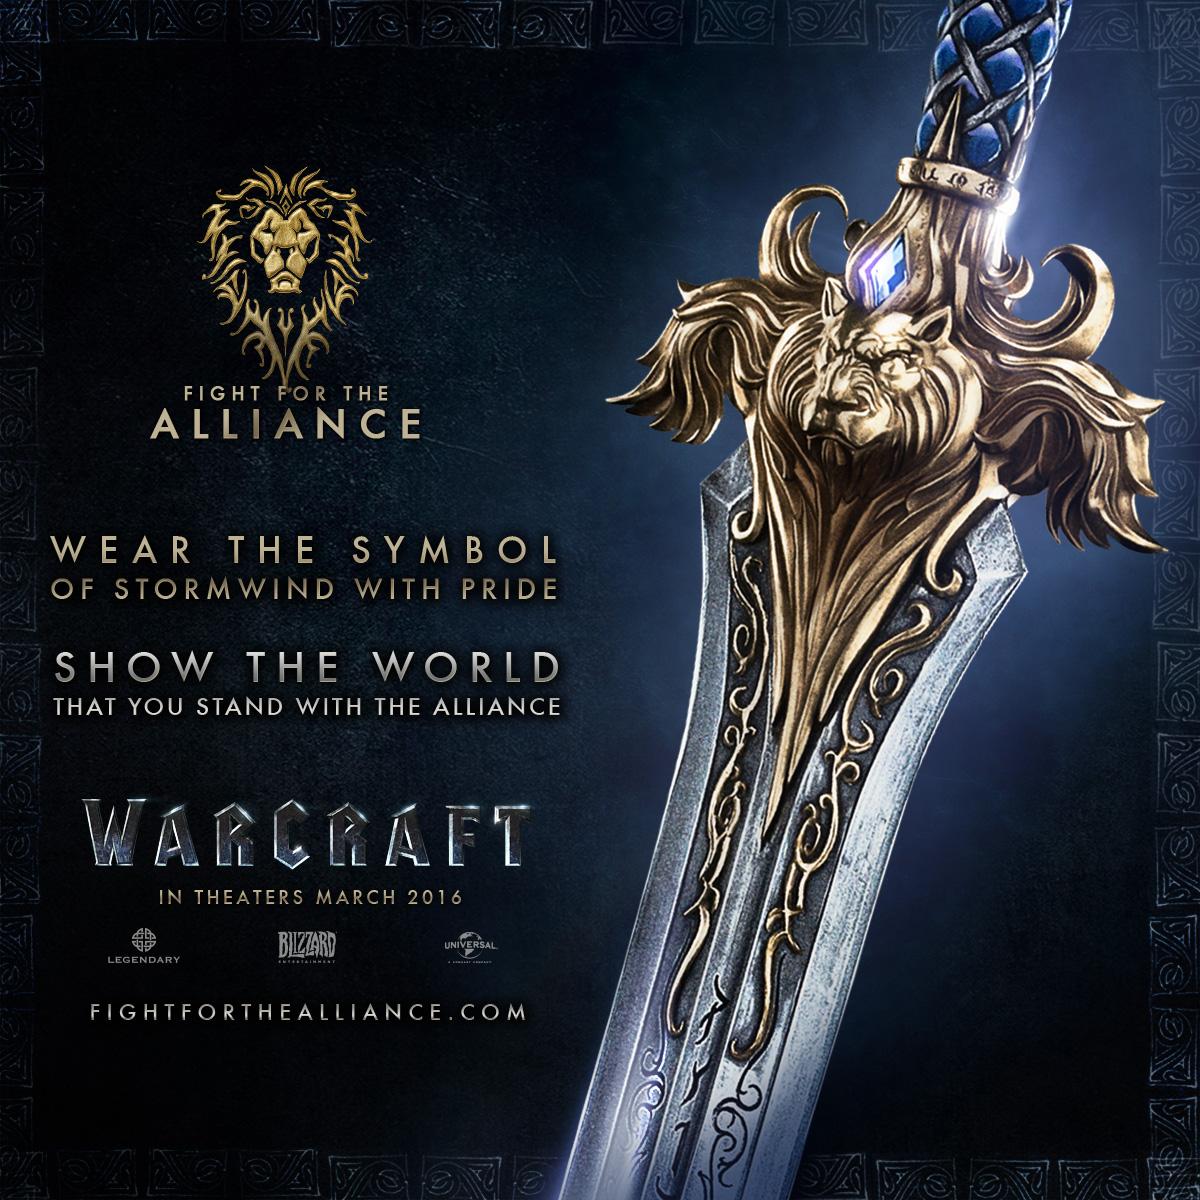 warcraft-alliance-gorsel-002